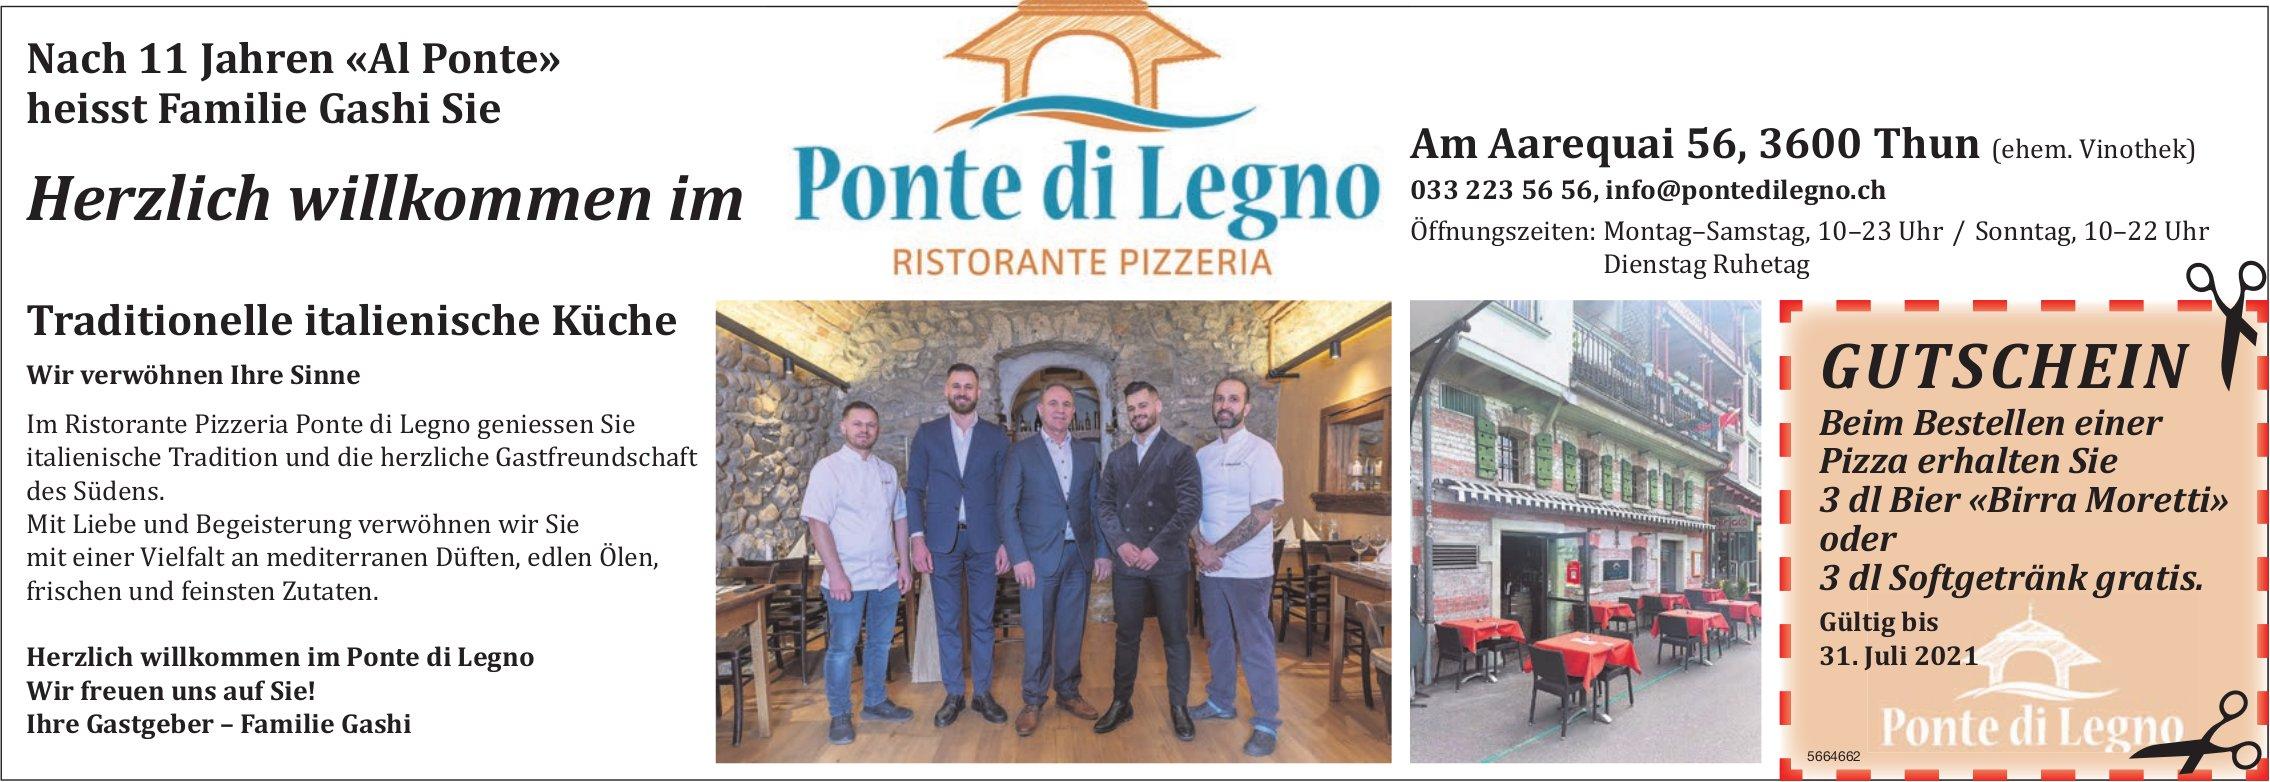 Herzlich willkommen im Ristorante Pizzeria Ponte di Legno, Thun